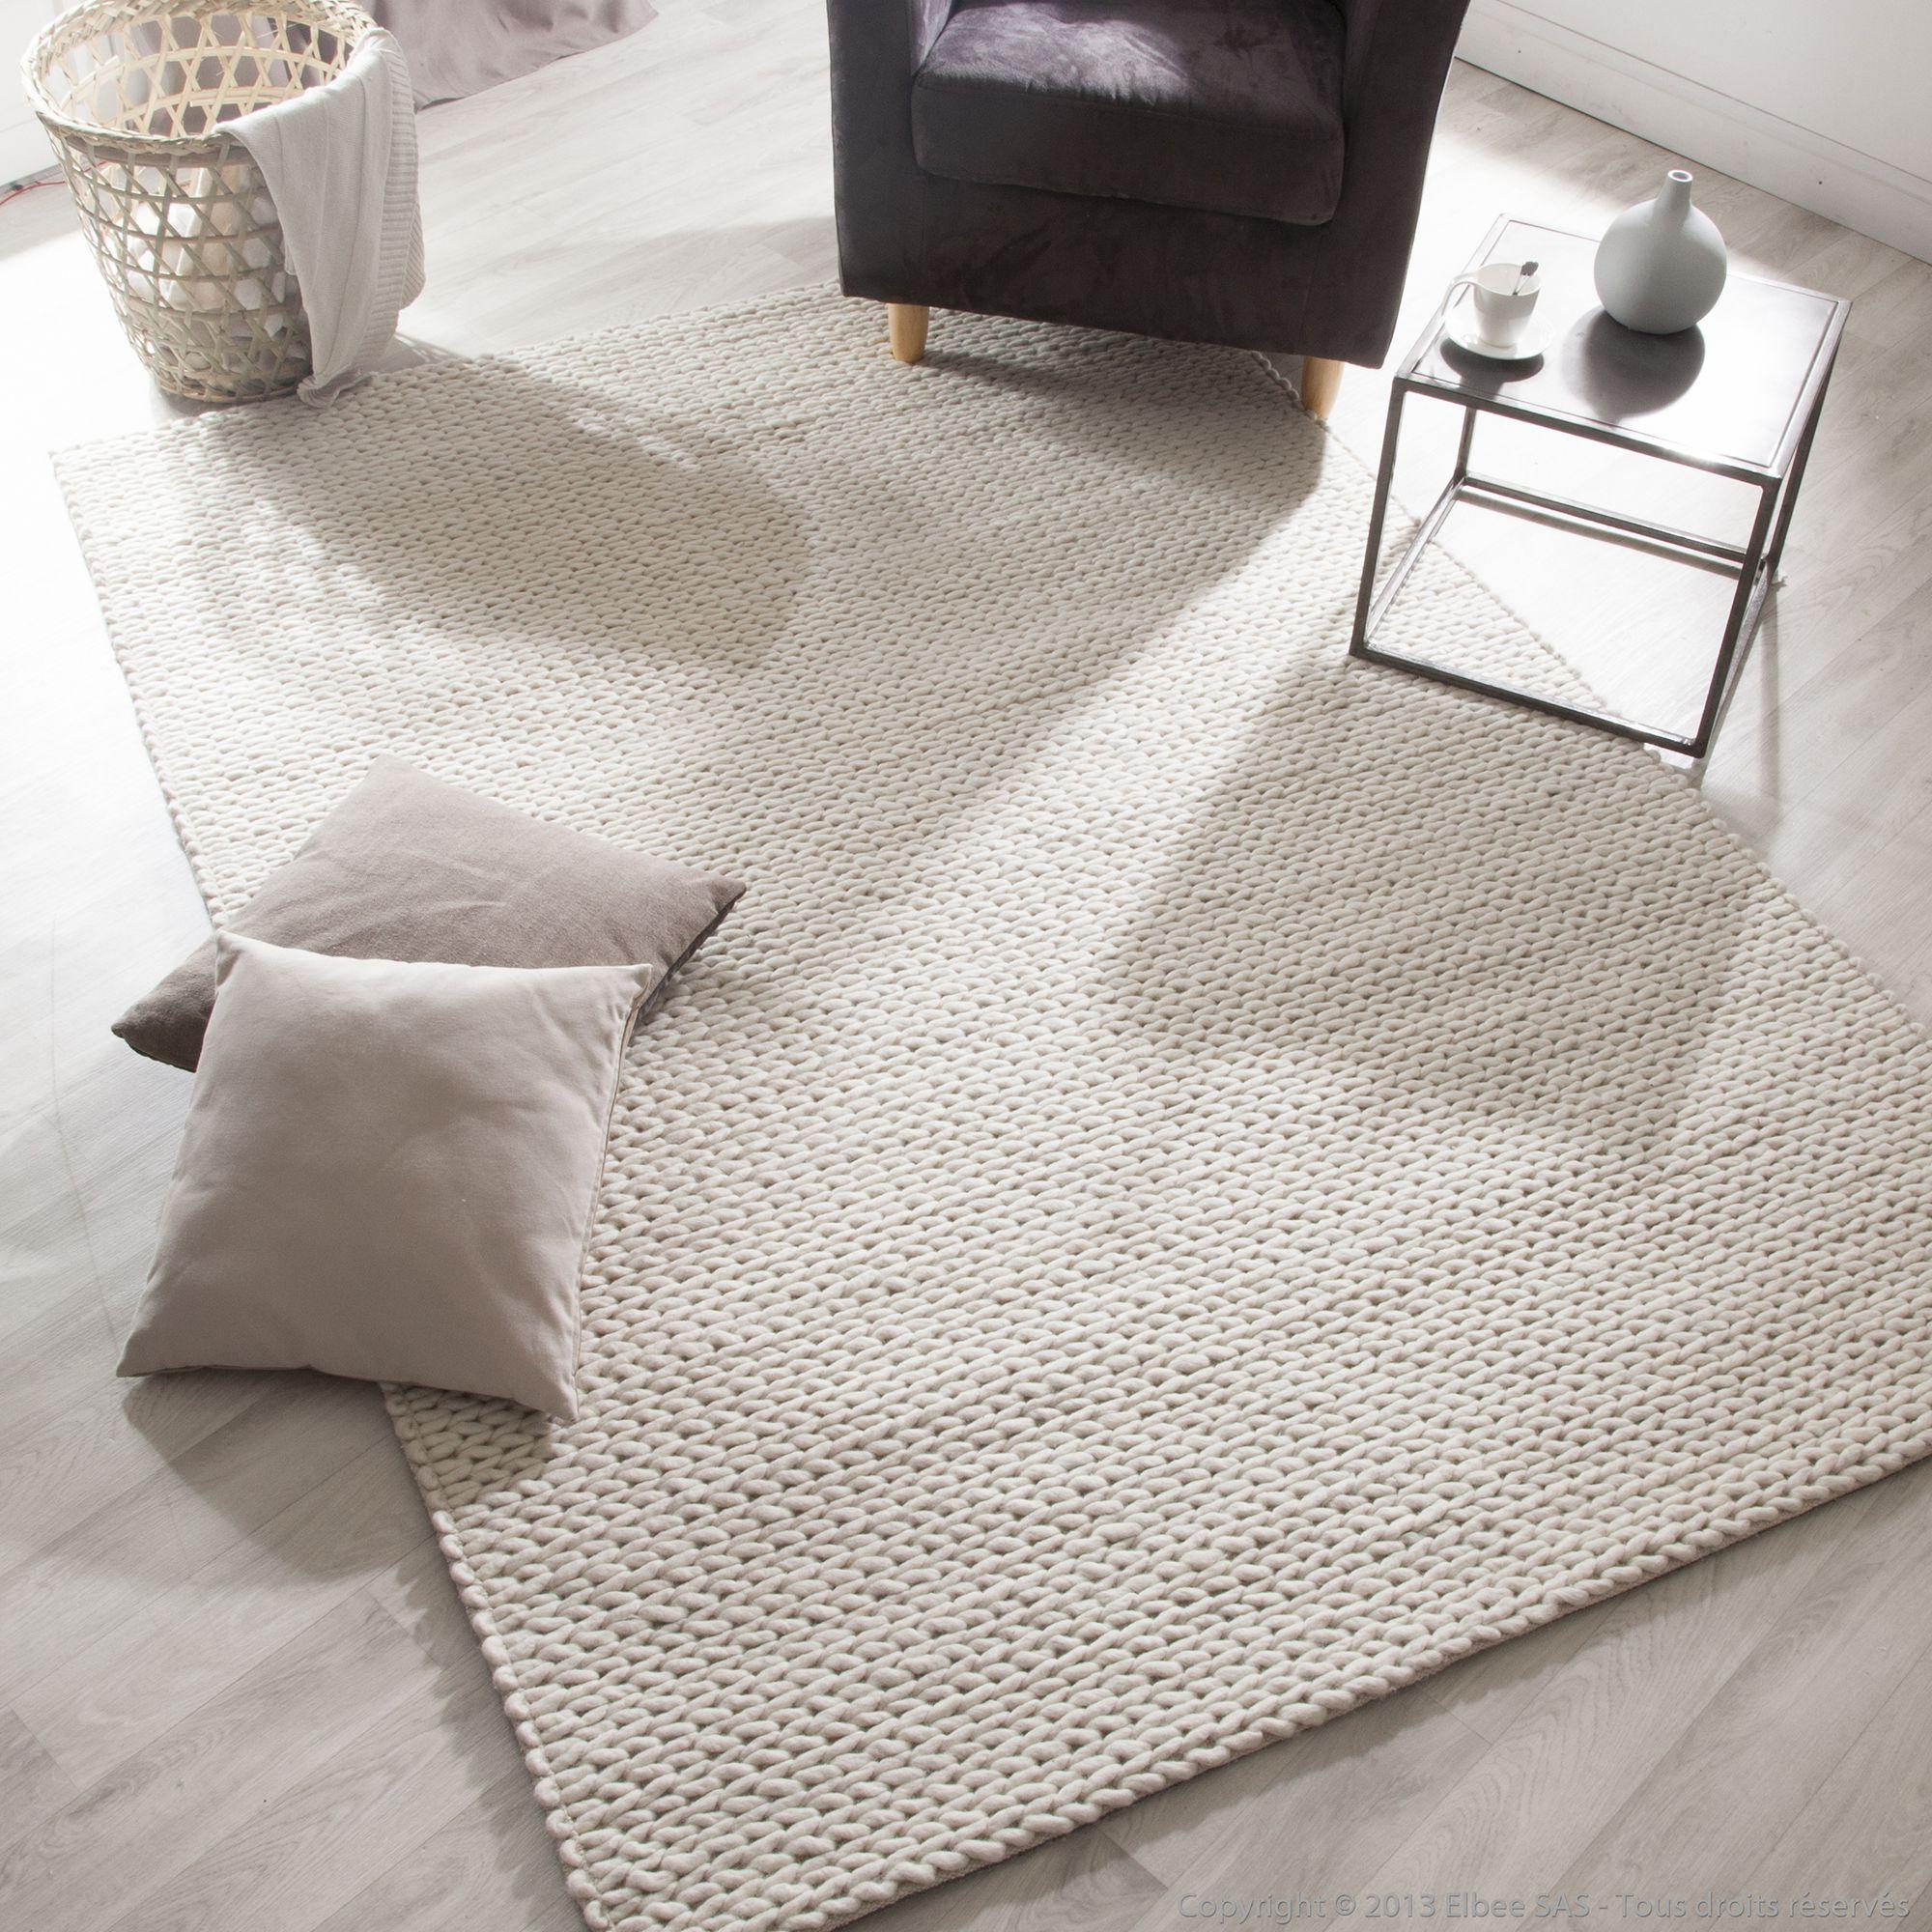 tapis 100 laine cru effet tricot tiss main caldo akhal port offert id es pour la maison. Black Bedroom Furniture Sets. Home Design Ideas